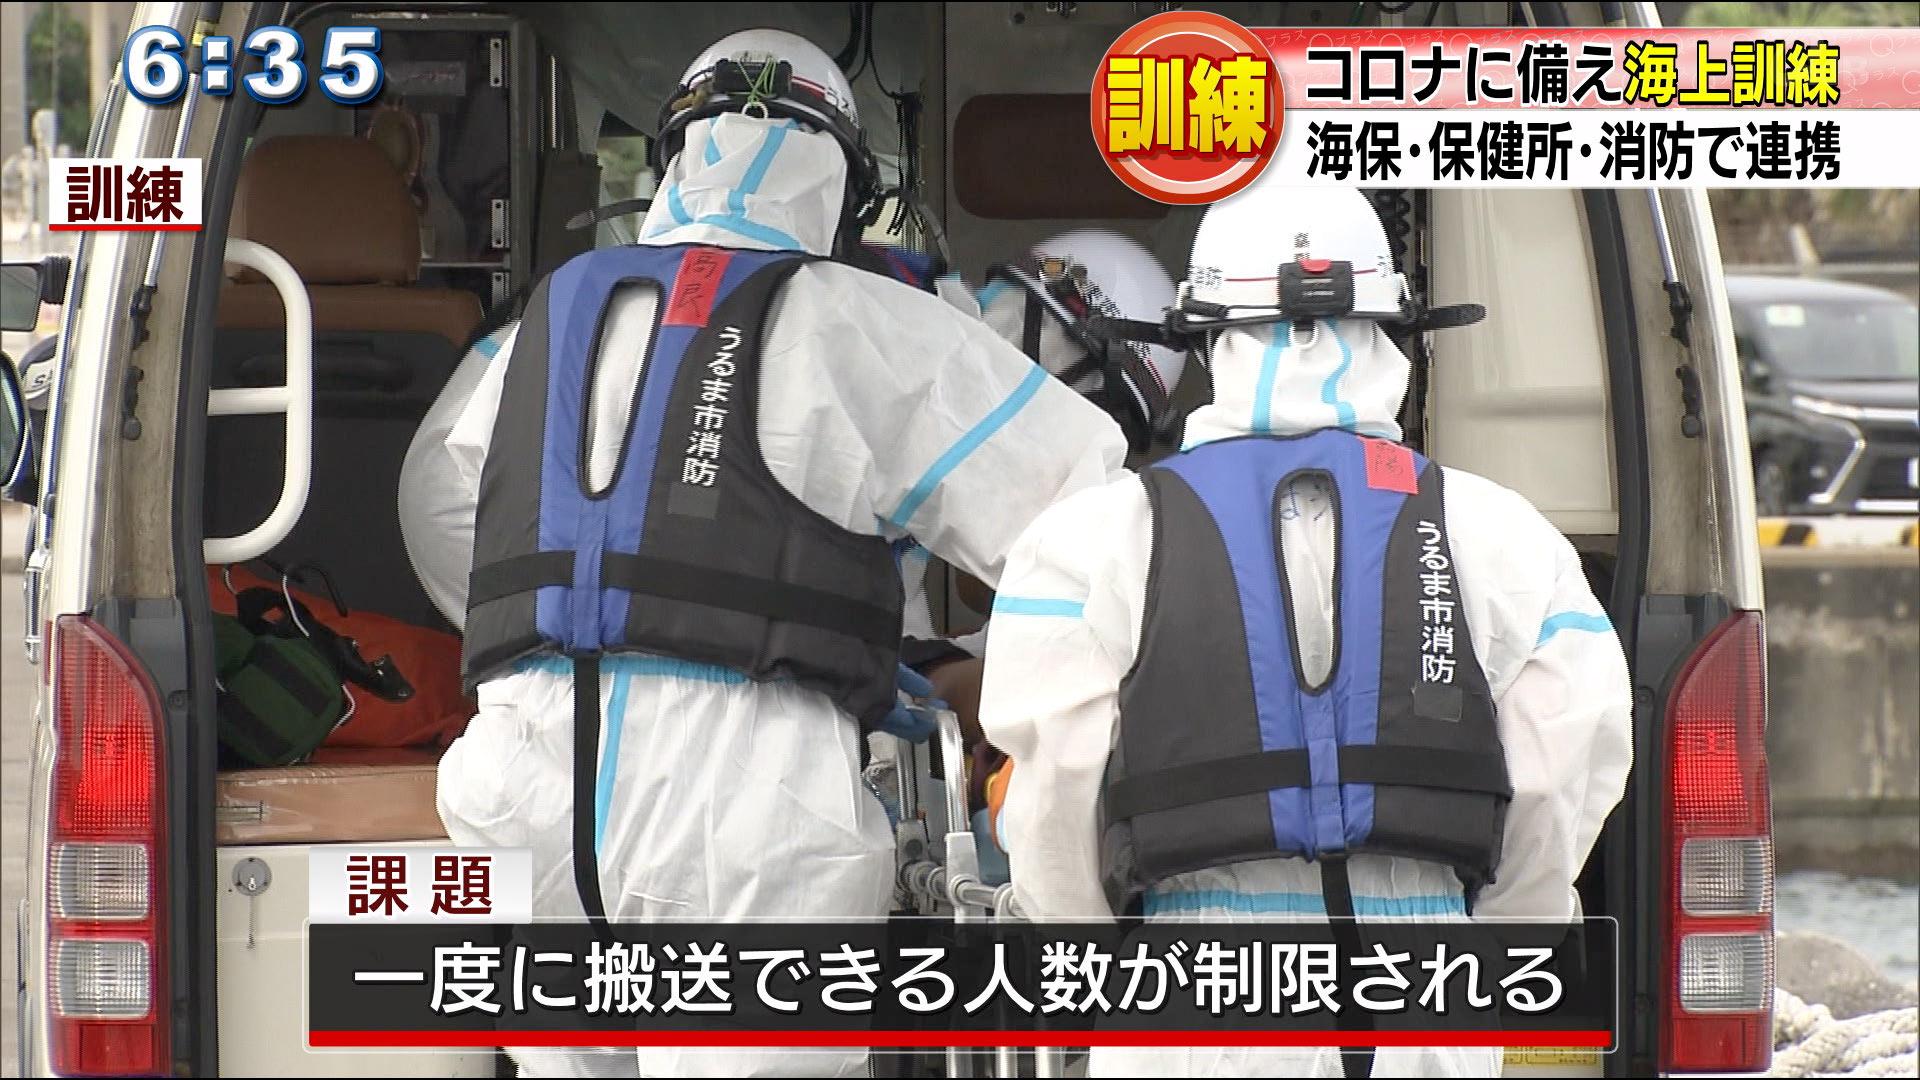 新型コロナ 患者の海上搬送訓練